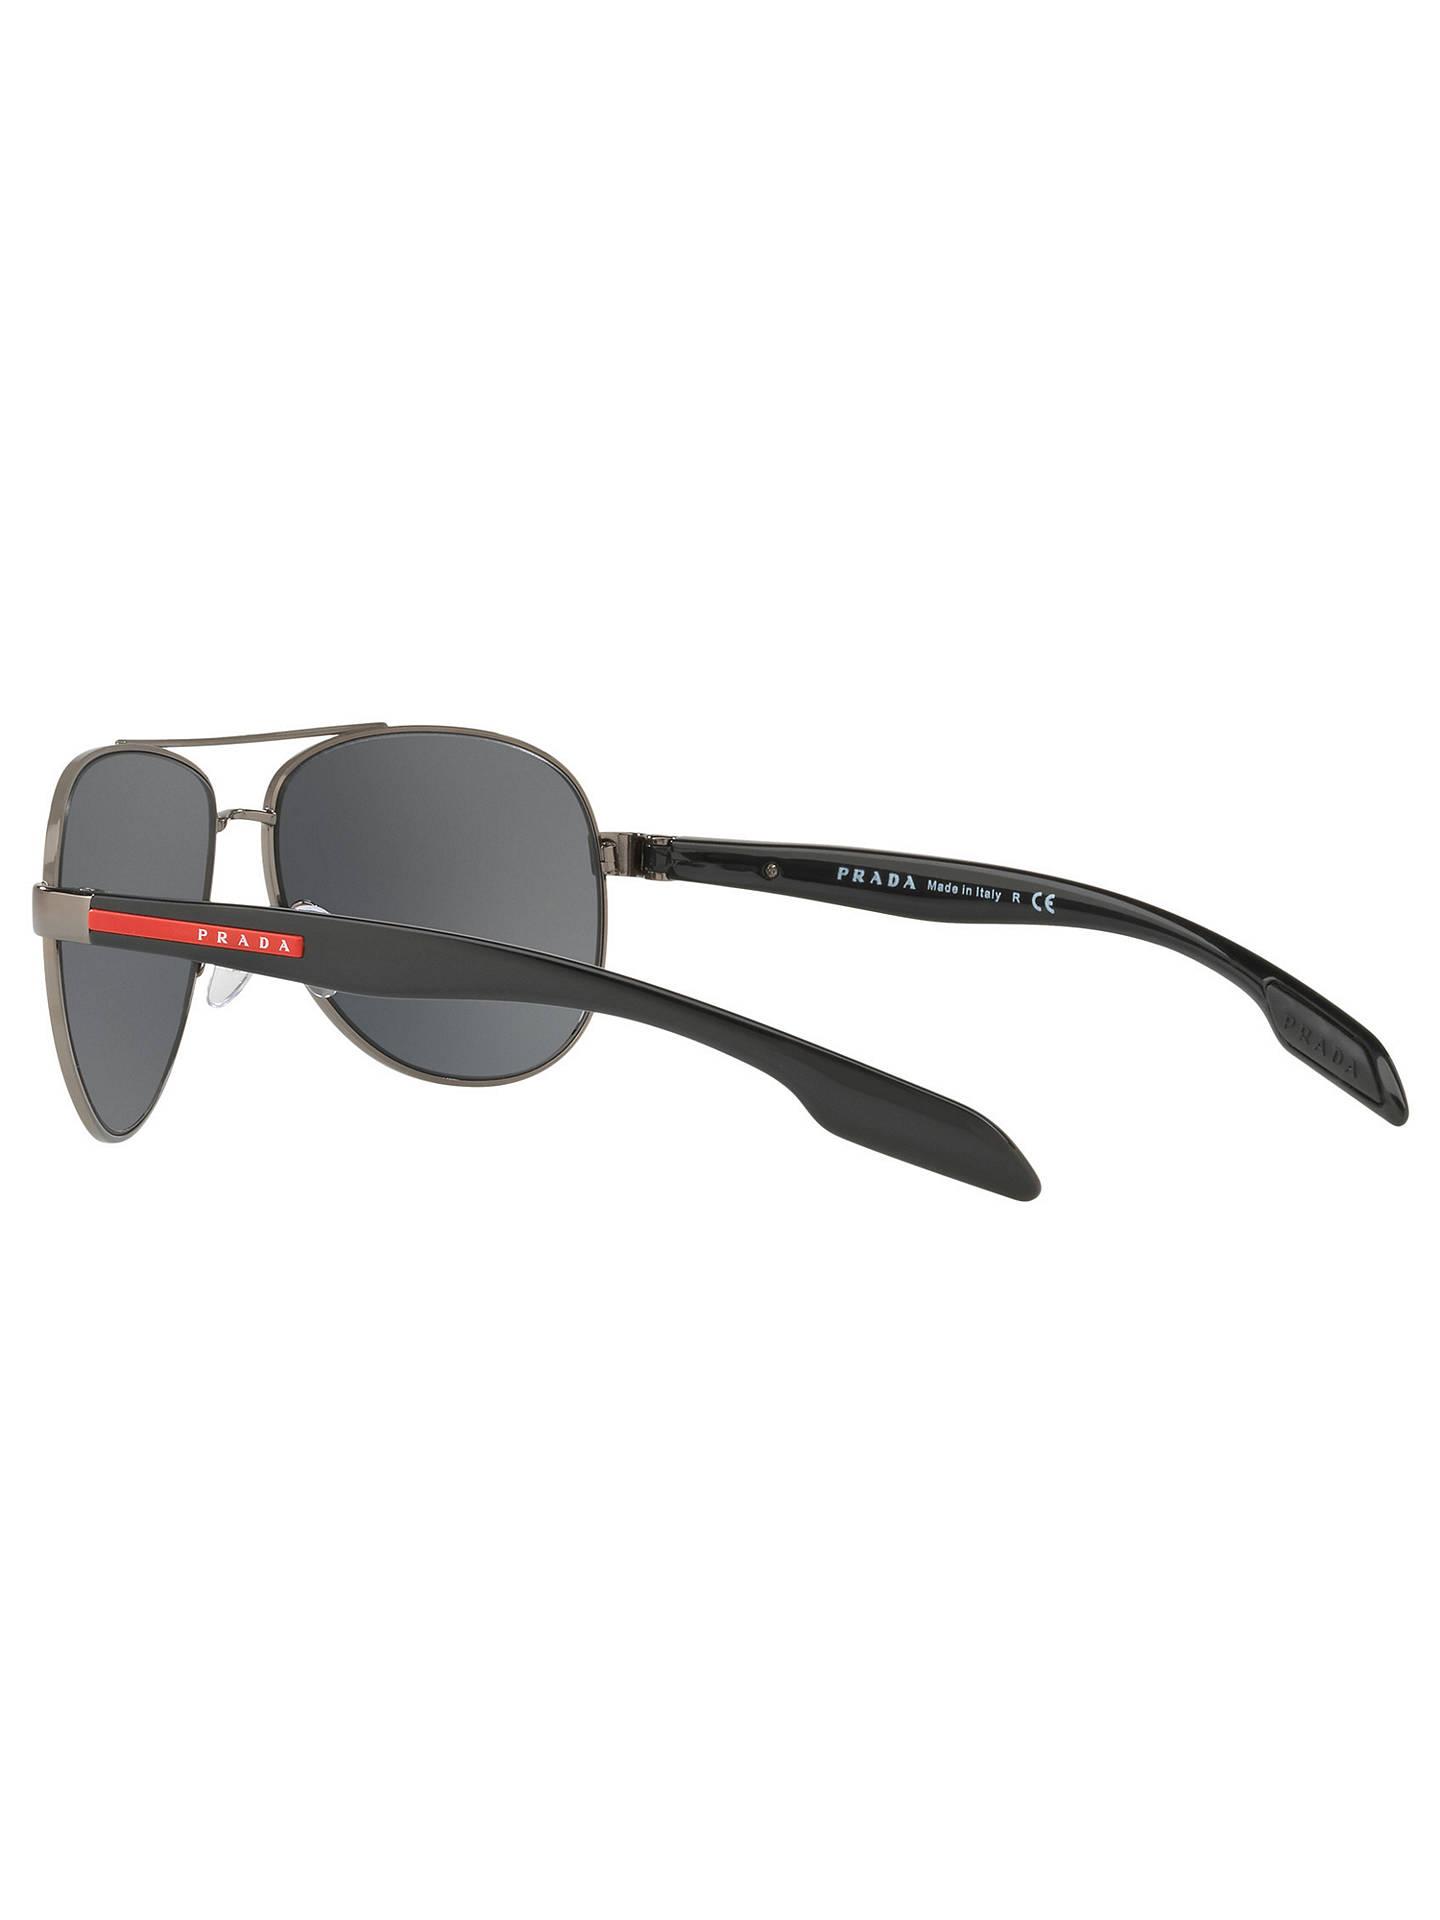 4cd46148243 ... Buy Prada Linea Rossa PS 53PS Aviator Sunglasses